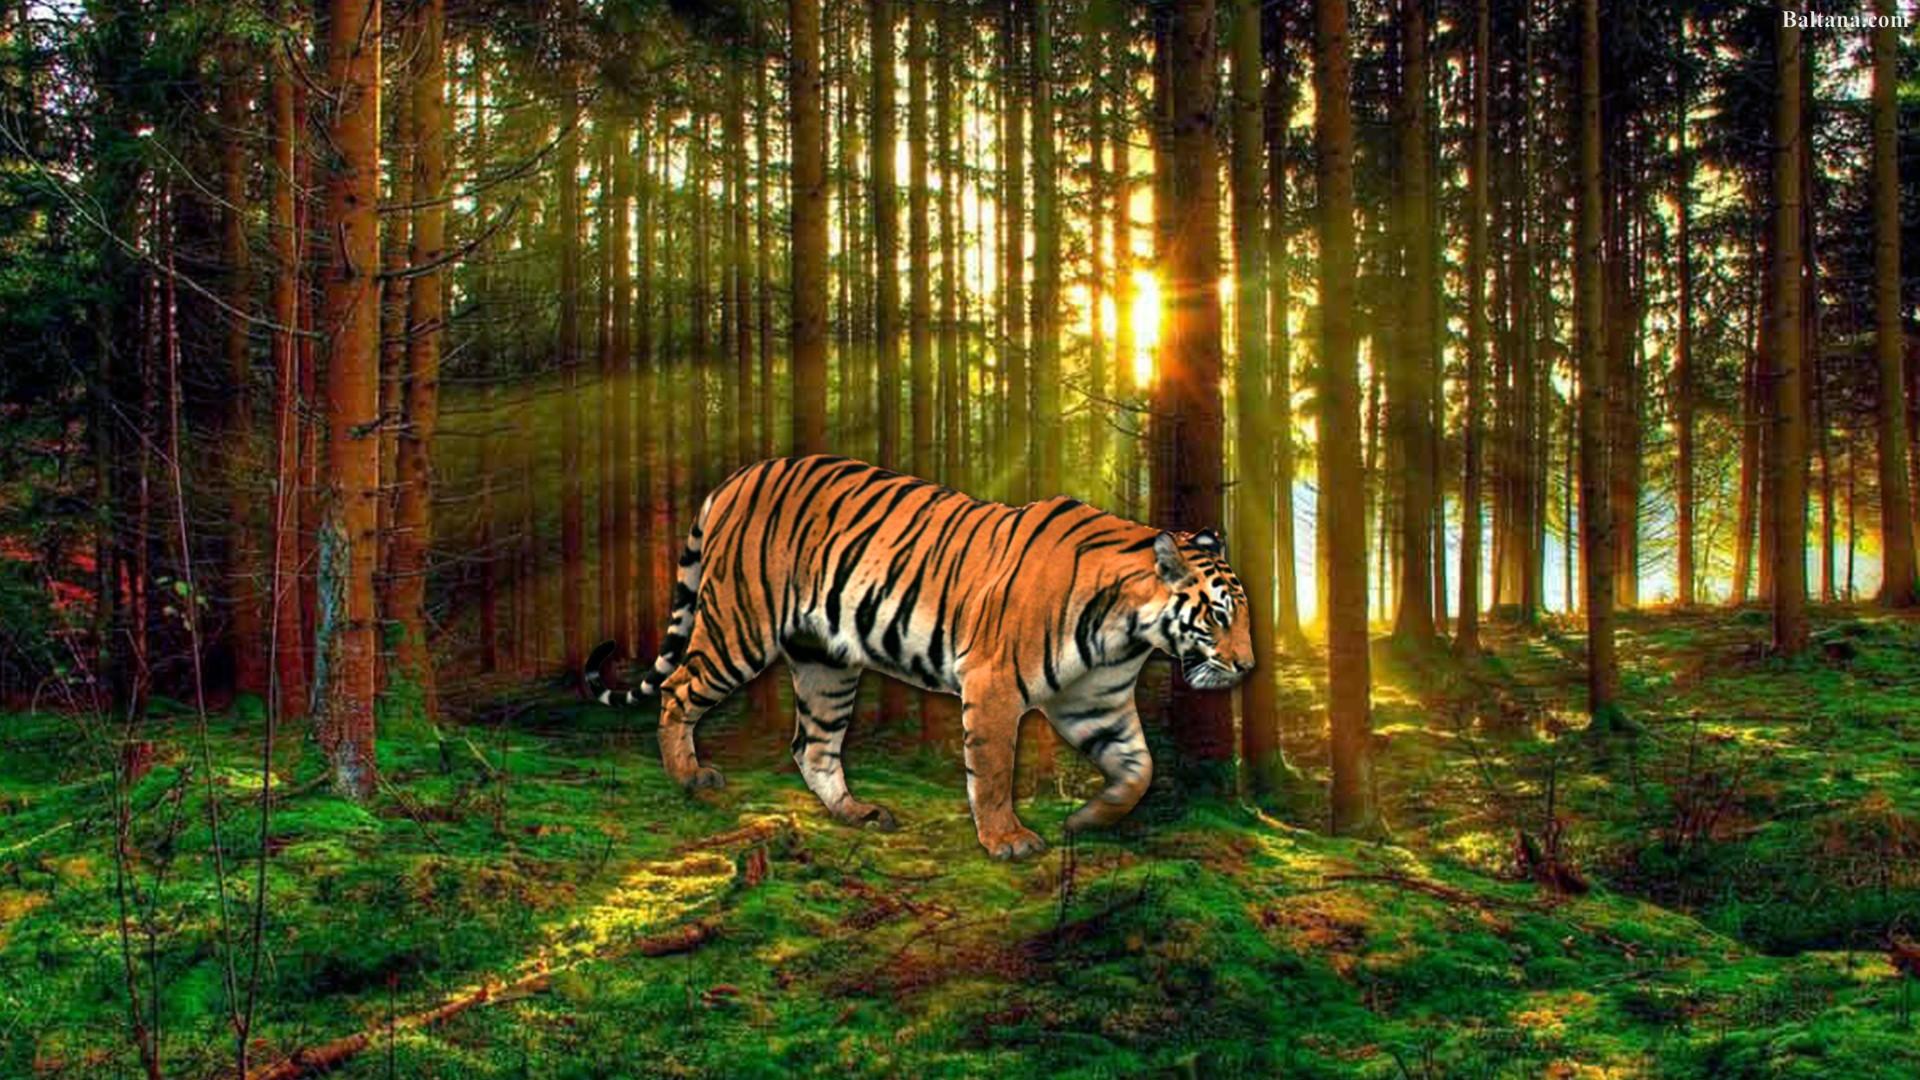 Chiêm Ngưỡng 500 Hình ảnh Con Hổ đẹp Nhất Thế Giới 7